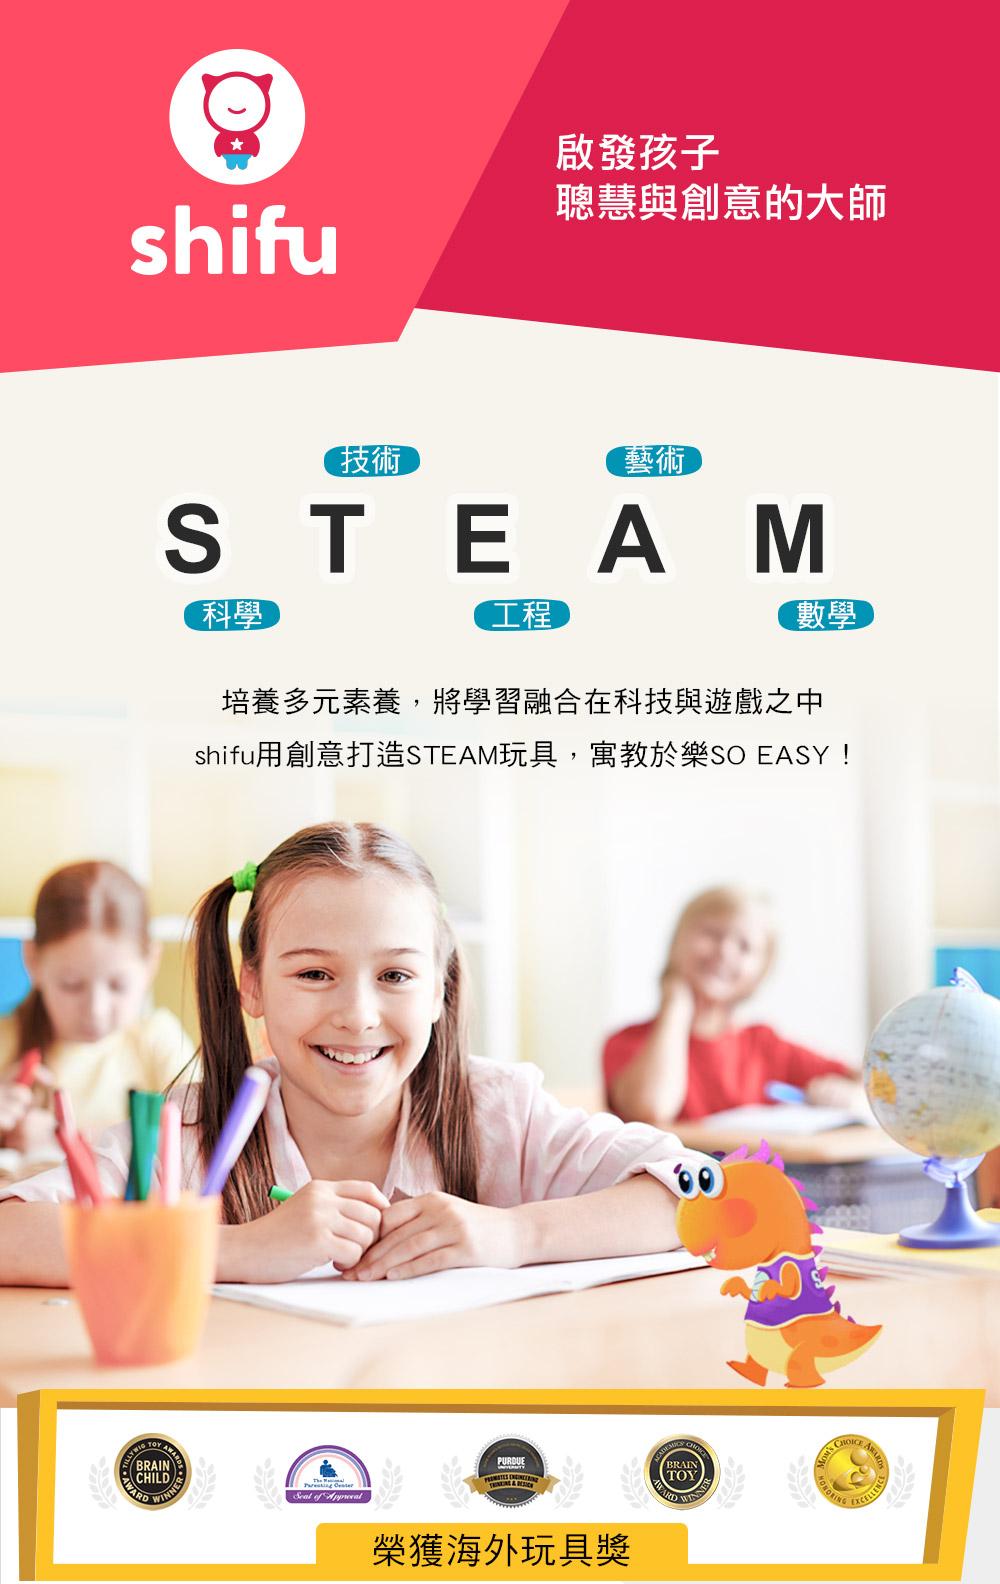 STEAM教育推薦益智玩具 | shifu 互動式玩具